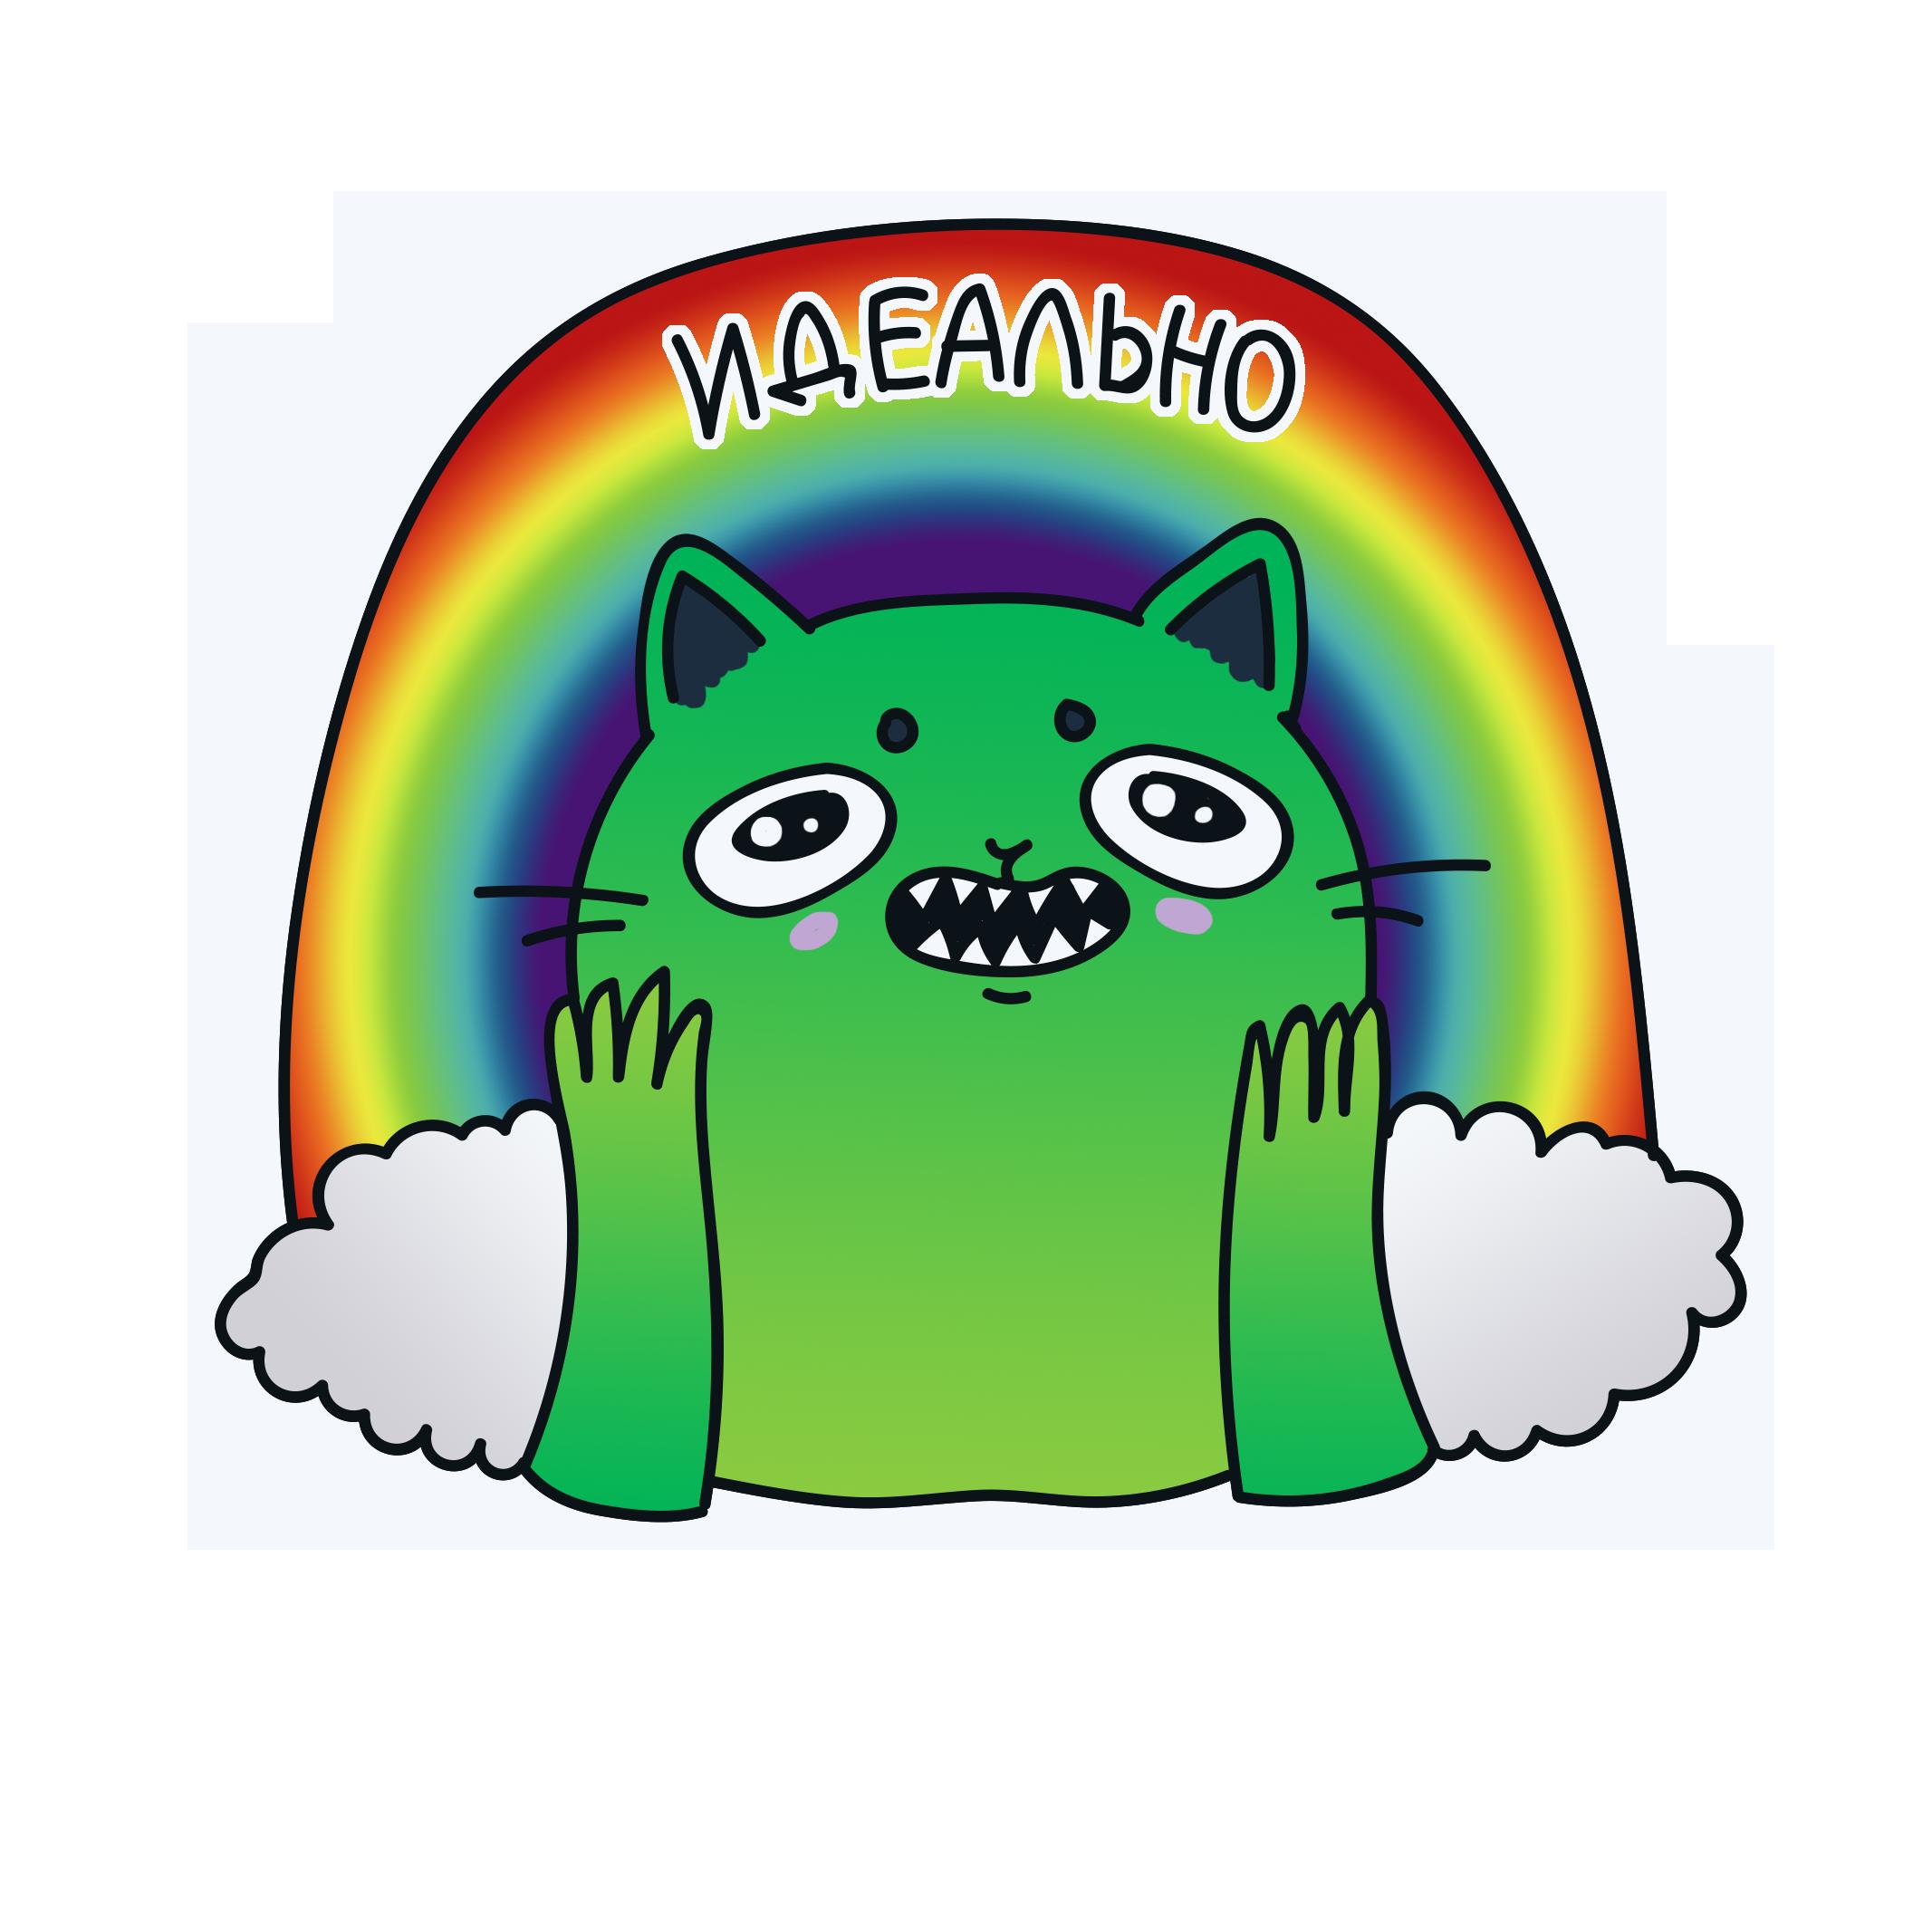 Стикерпаки на день фриланса для FL.ru фото f_9625cd8a3ea9c9d7.png